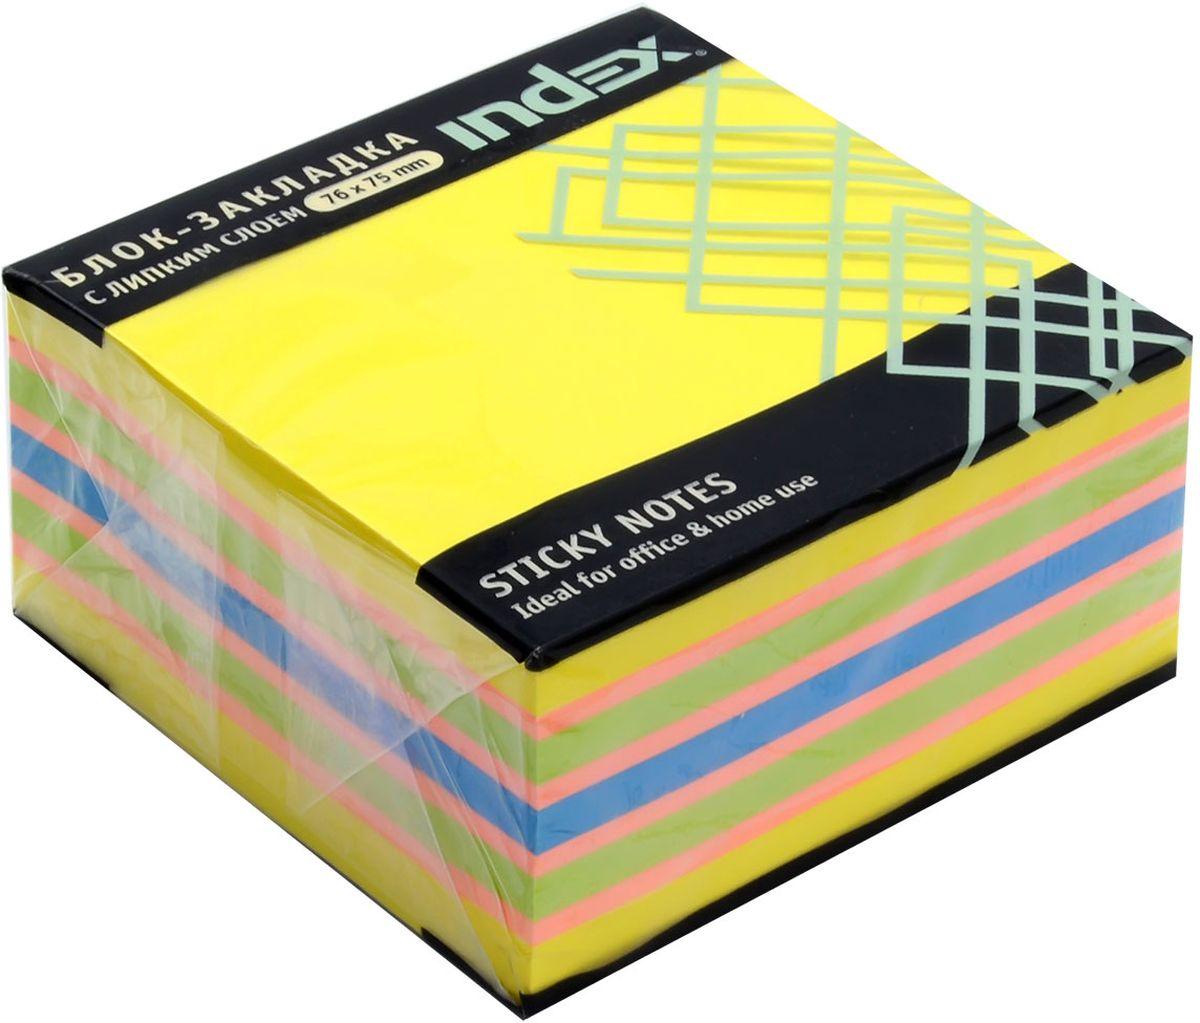 Index Бумага для заметок с липким слоем 7,6 х 7,5 см цвет желтый 400 листов I4338120703415Бумага для заметок с липким слоем Index - яркие листочки с клейким краем обязательно привлекут внимание к вашему сообщению. Листочки легко приклеиваются к любой поверхности, будь то бумага, корпус монитора, дверь. Не оставляют следов после отклеивания.